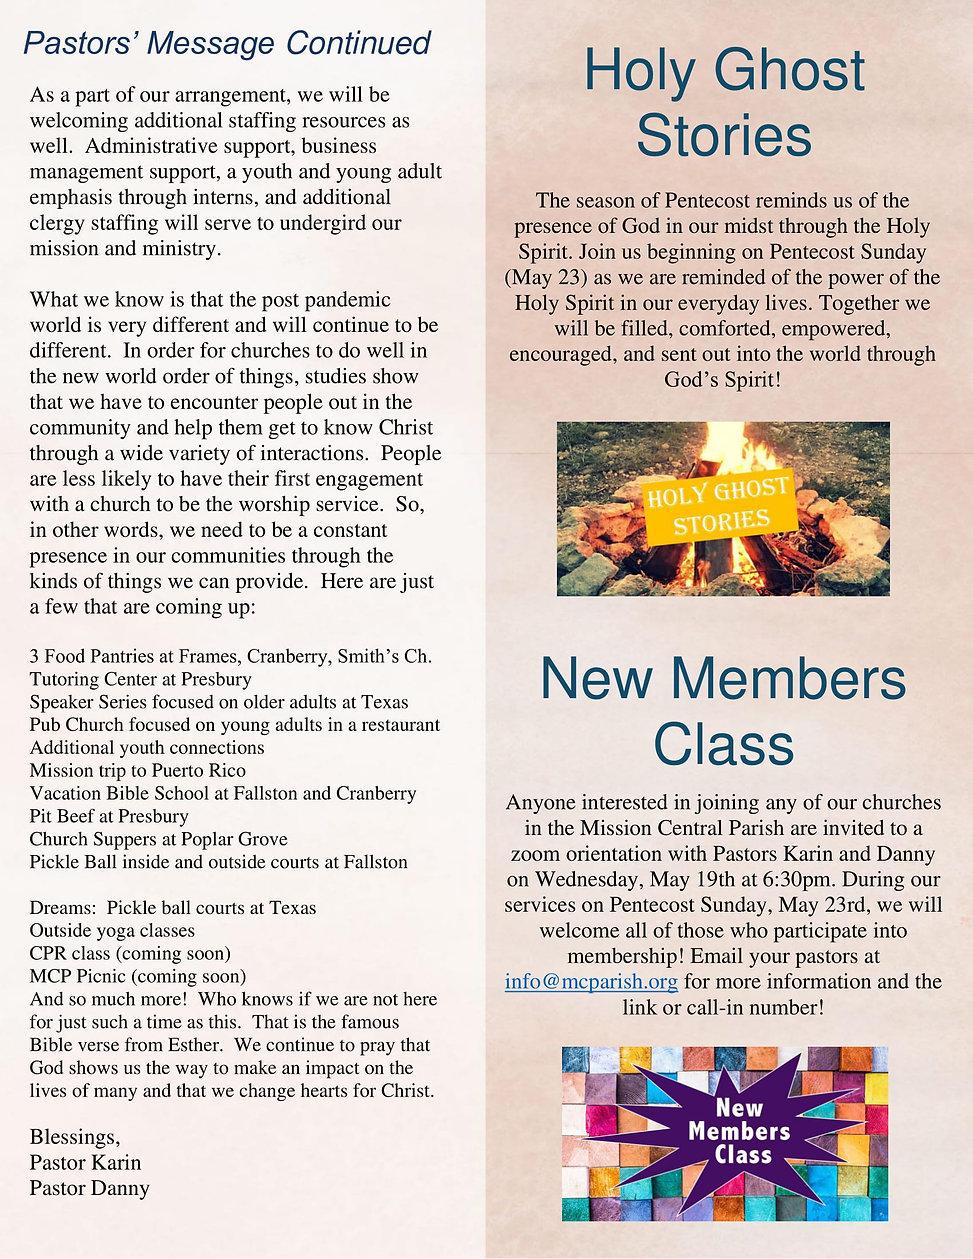 MCP Newsletter 5.2021-2.jpg